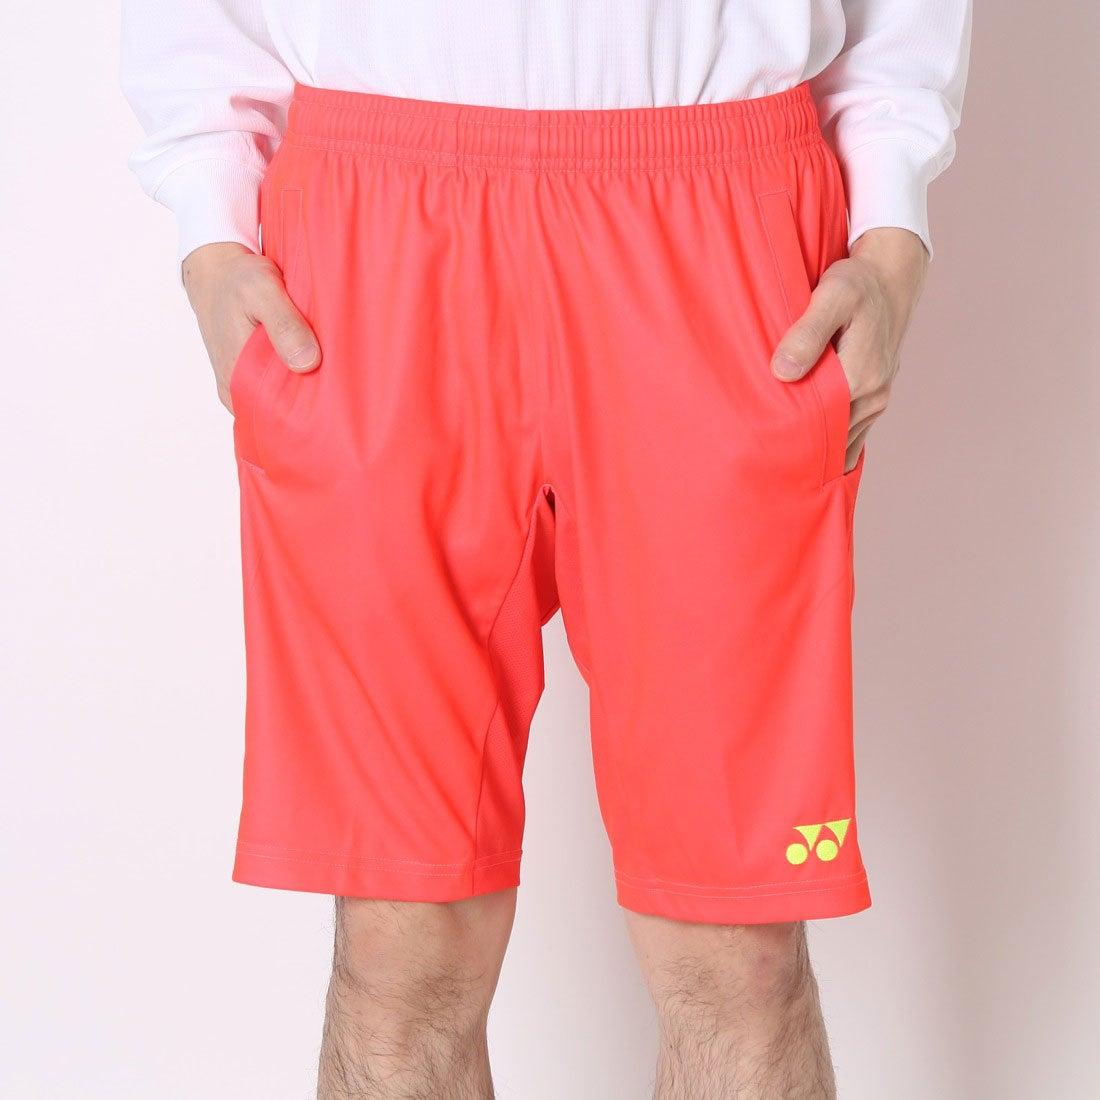 628e8c96fa10df ヨネックス YONEX テニスパンツ UNIハーフパンツ スリムフィットロング 15052 オレンジ (フラッシュオレンジ)  -レディースファッション通販 ロコンドガールズ ...